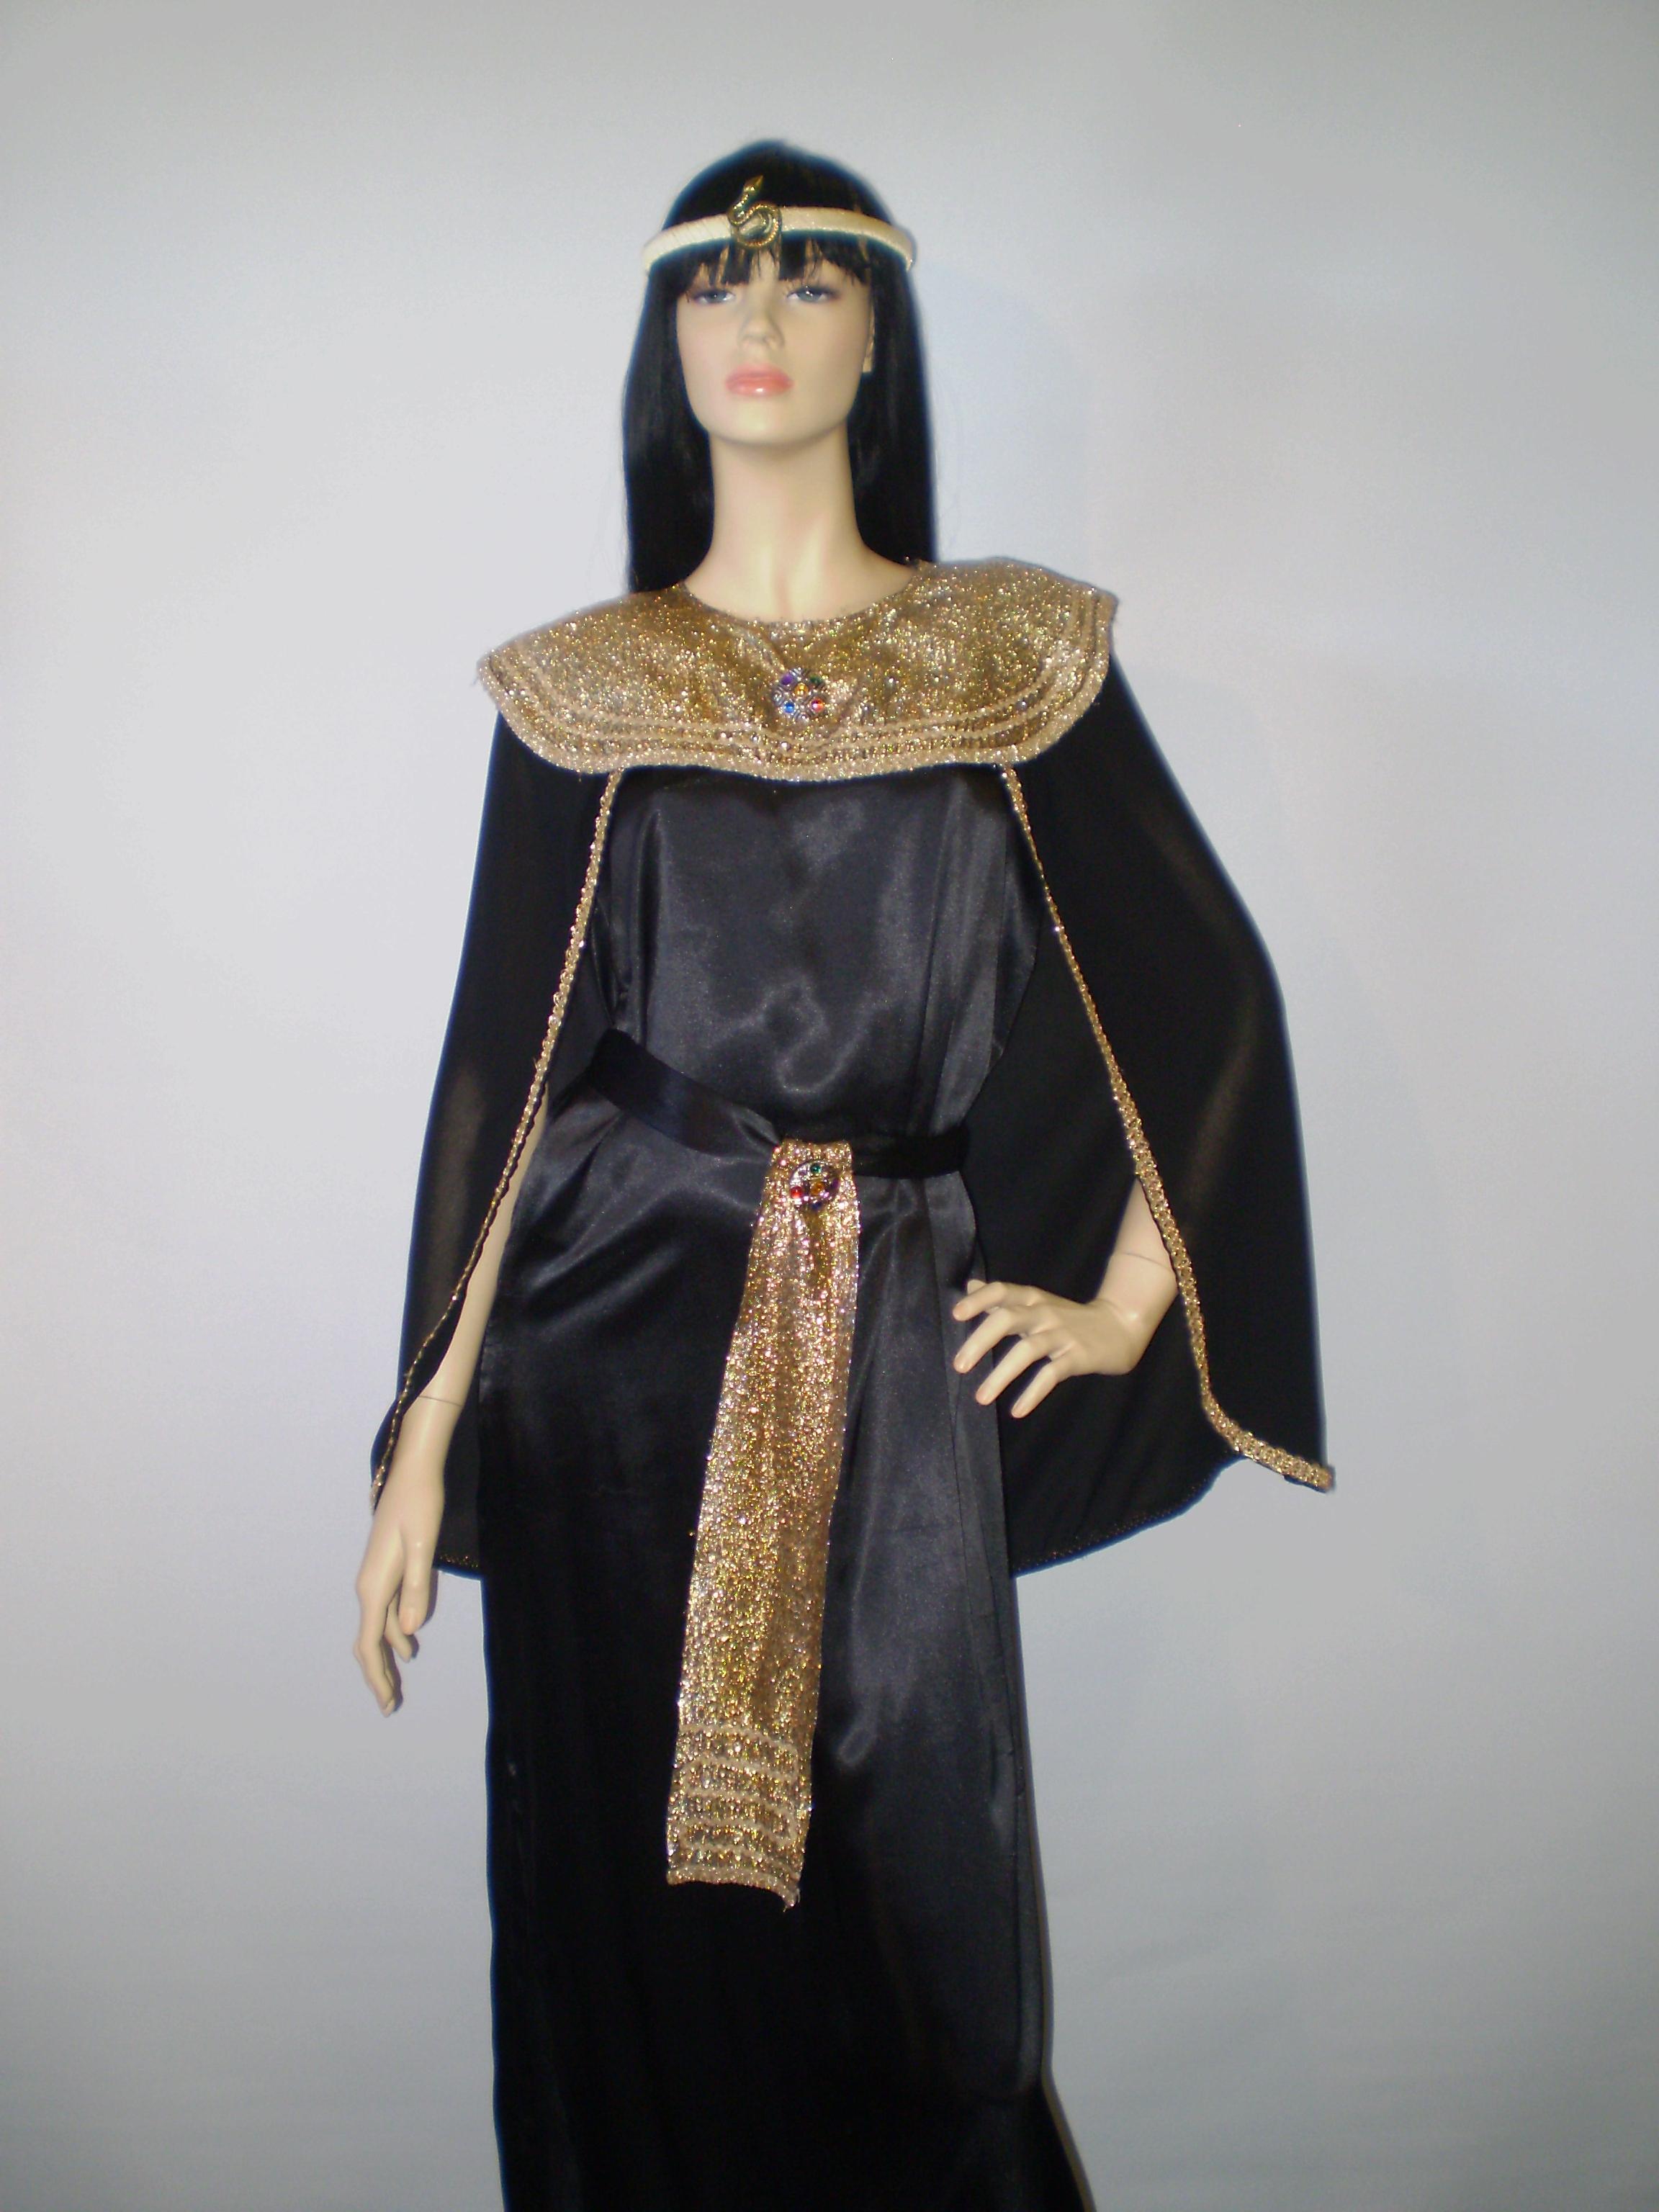 Antony Cleopatra Costumes Couple Costume Ideas